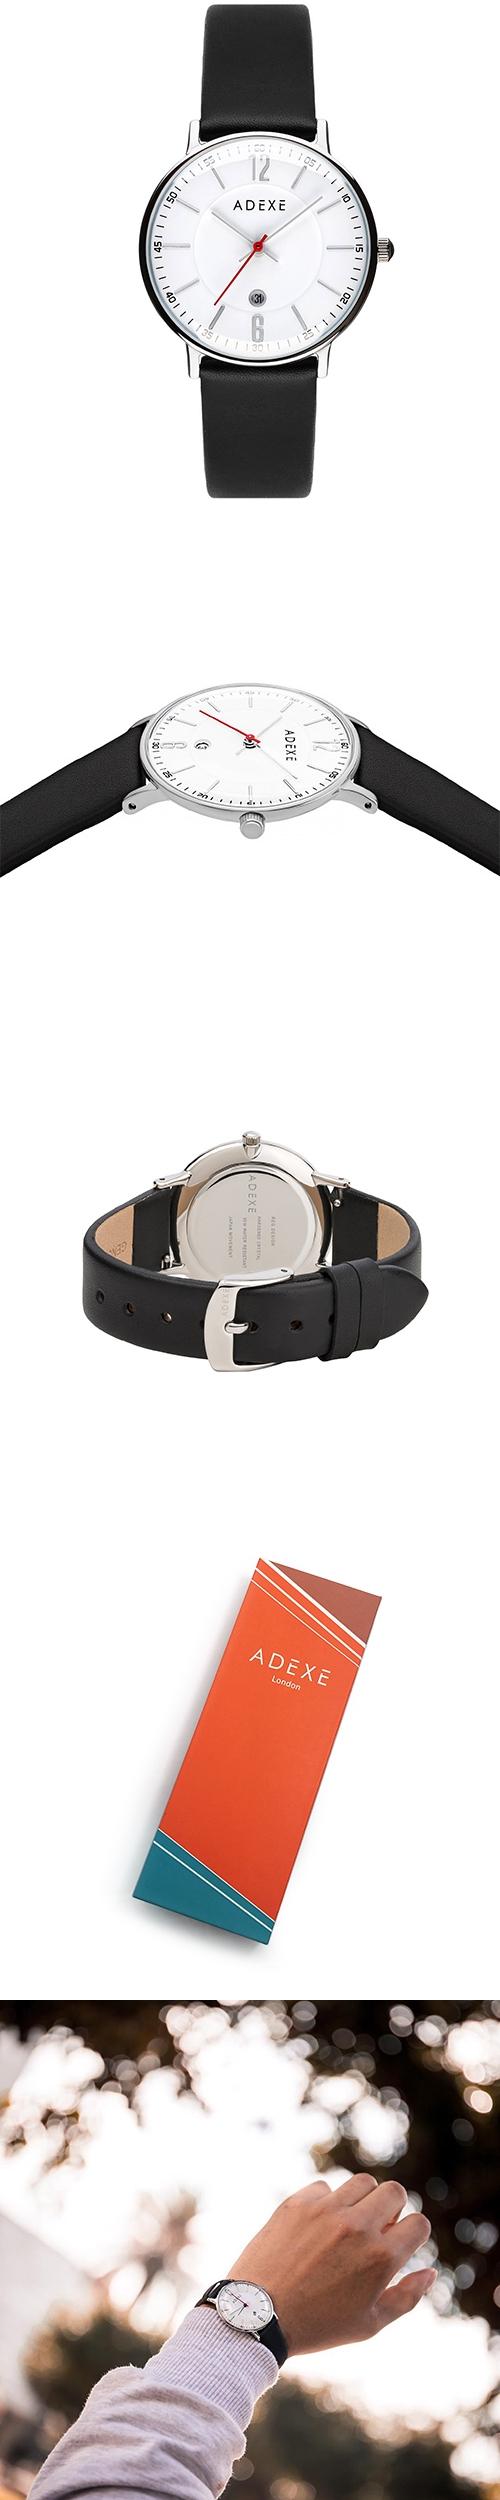 (複製)ADEXE 英國時尚手錶 Freerunner單眼系列 粉色錶盤x銀錶框皮革錶帶32.5mm 2043C-04